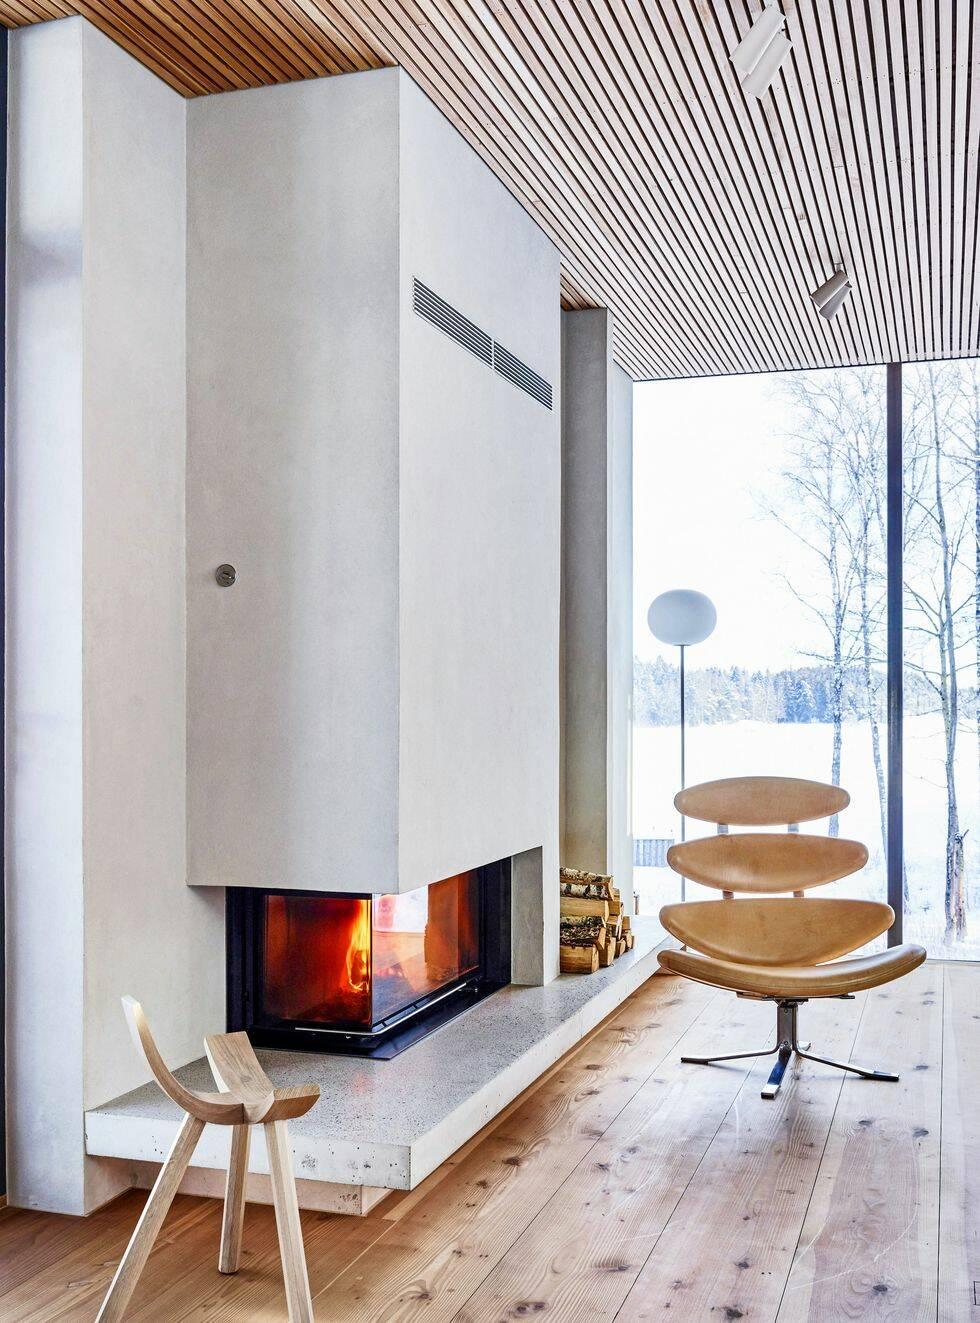 Det här arkitektritade huset är både energieffektivt och öppet